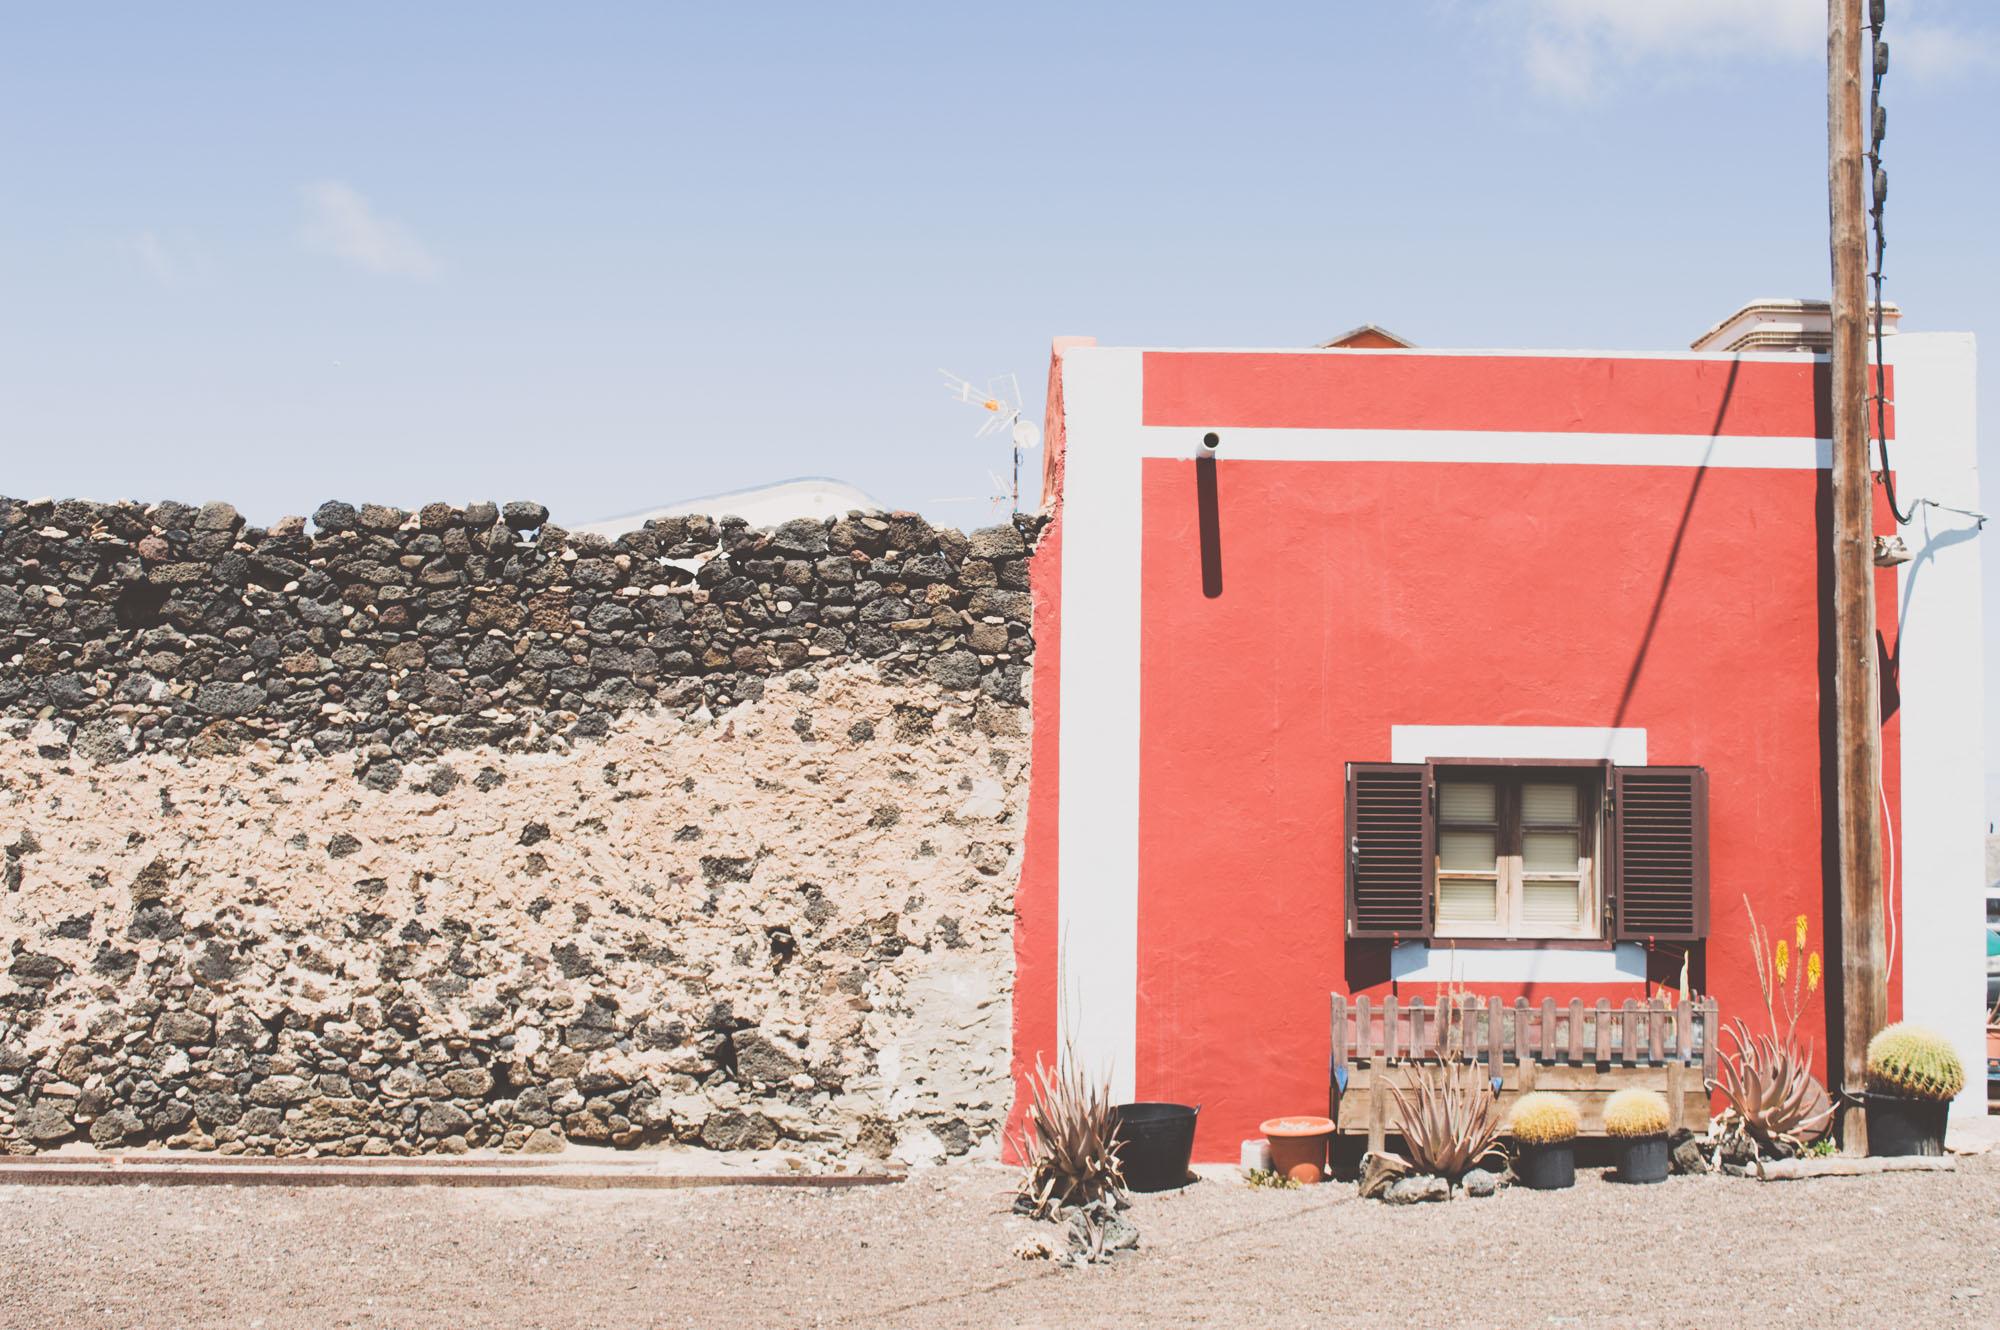 maison rouge aux iles canaries